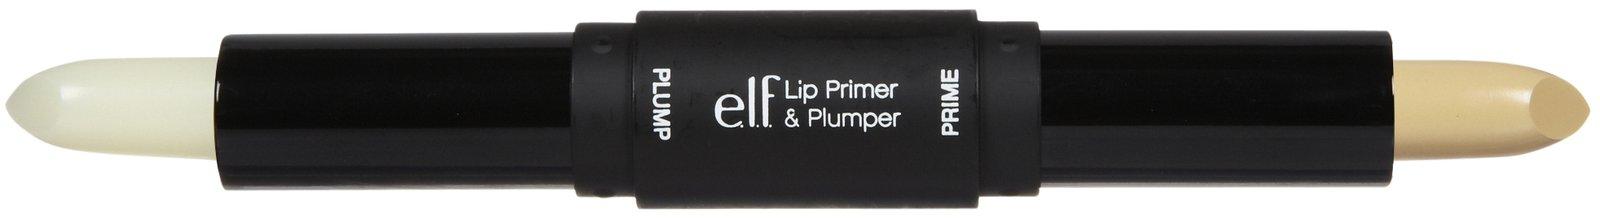 e.l.f. Cosmetics Lip Primer & Plumper